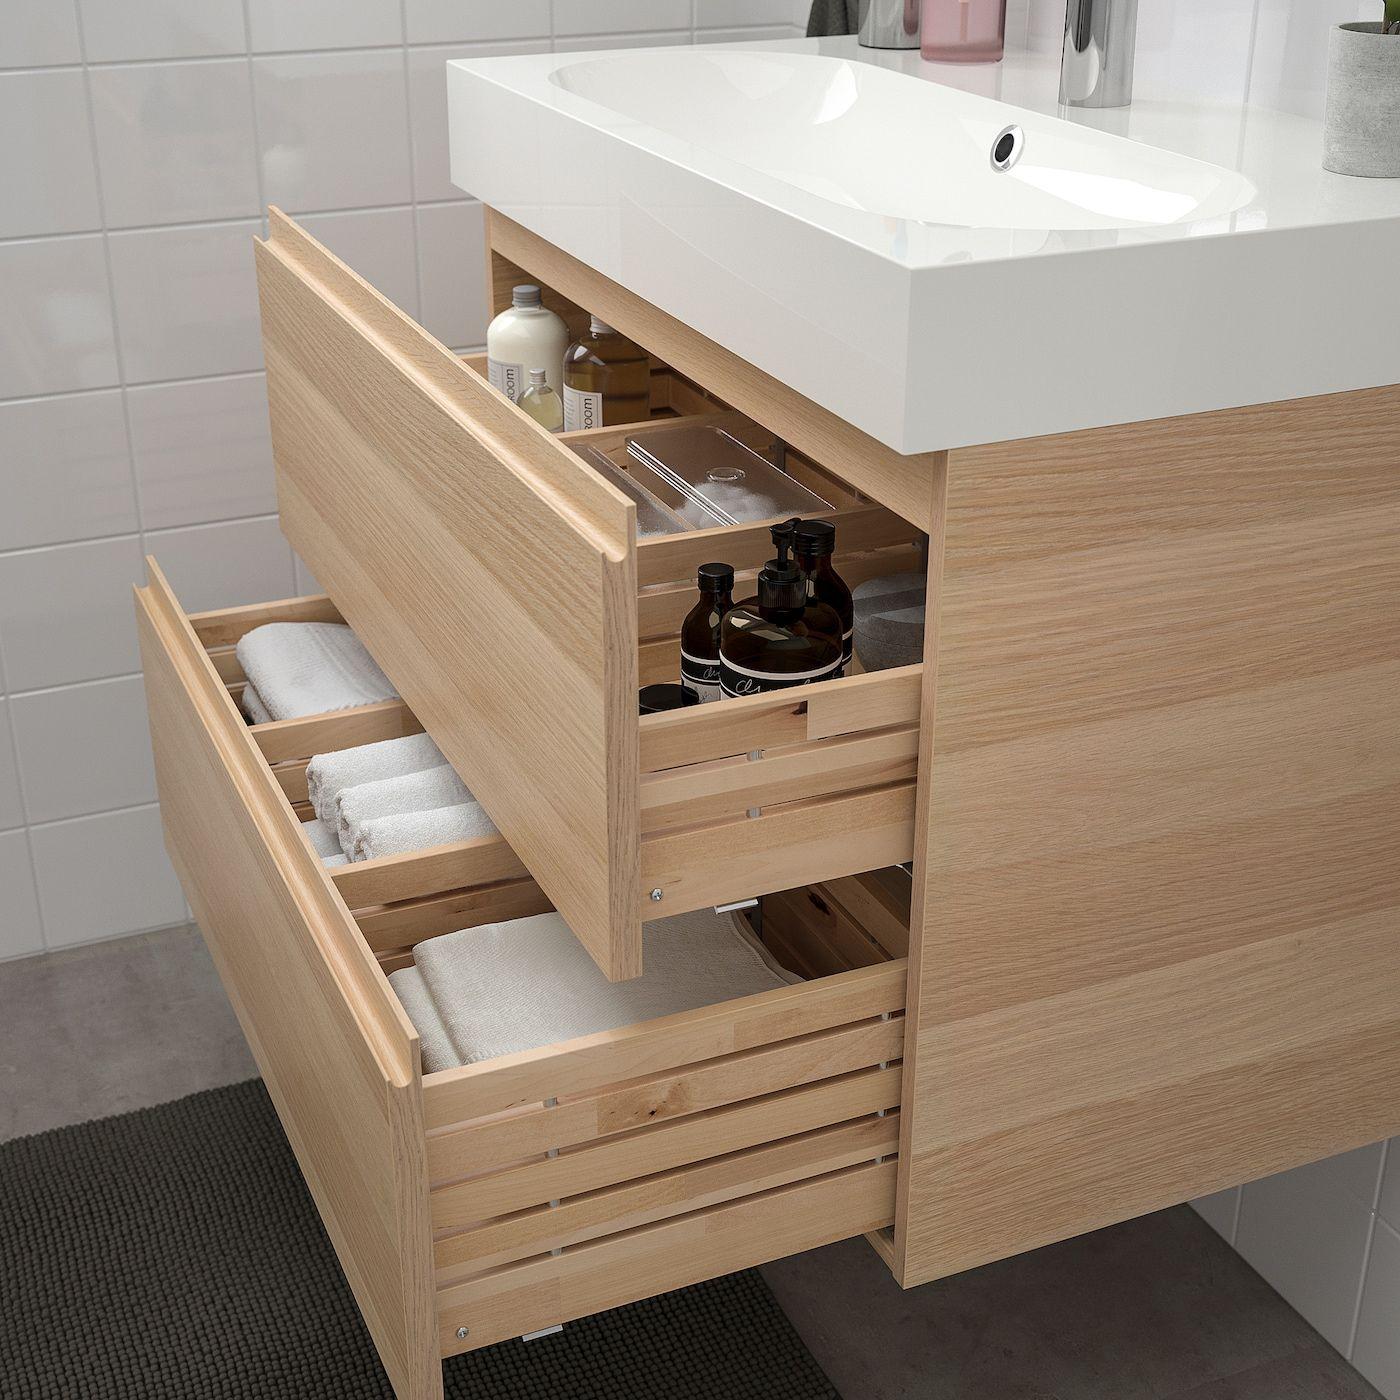 Godmorgon Braviken Waschbeckenschrank 2 Schubl Eicheneff Wlas Brogrund Mischbatterie Ikea Osterreich In 2020 Bad Einrichten Waschbeckenschrank Mischbatterien